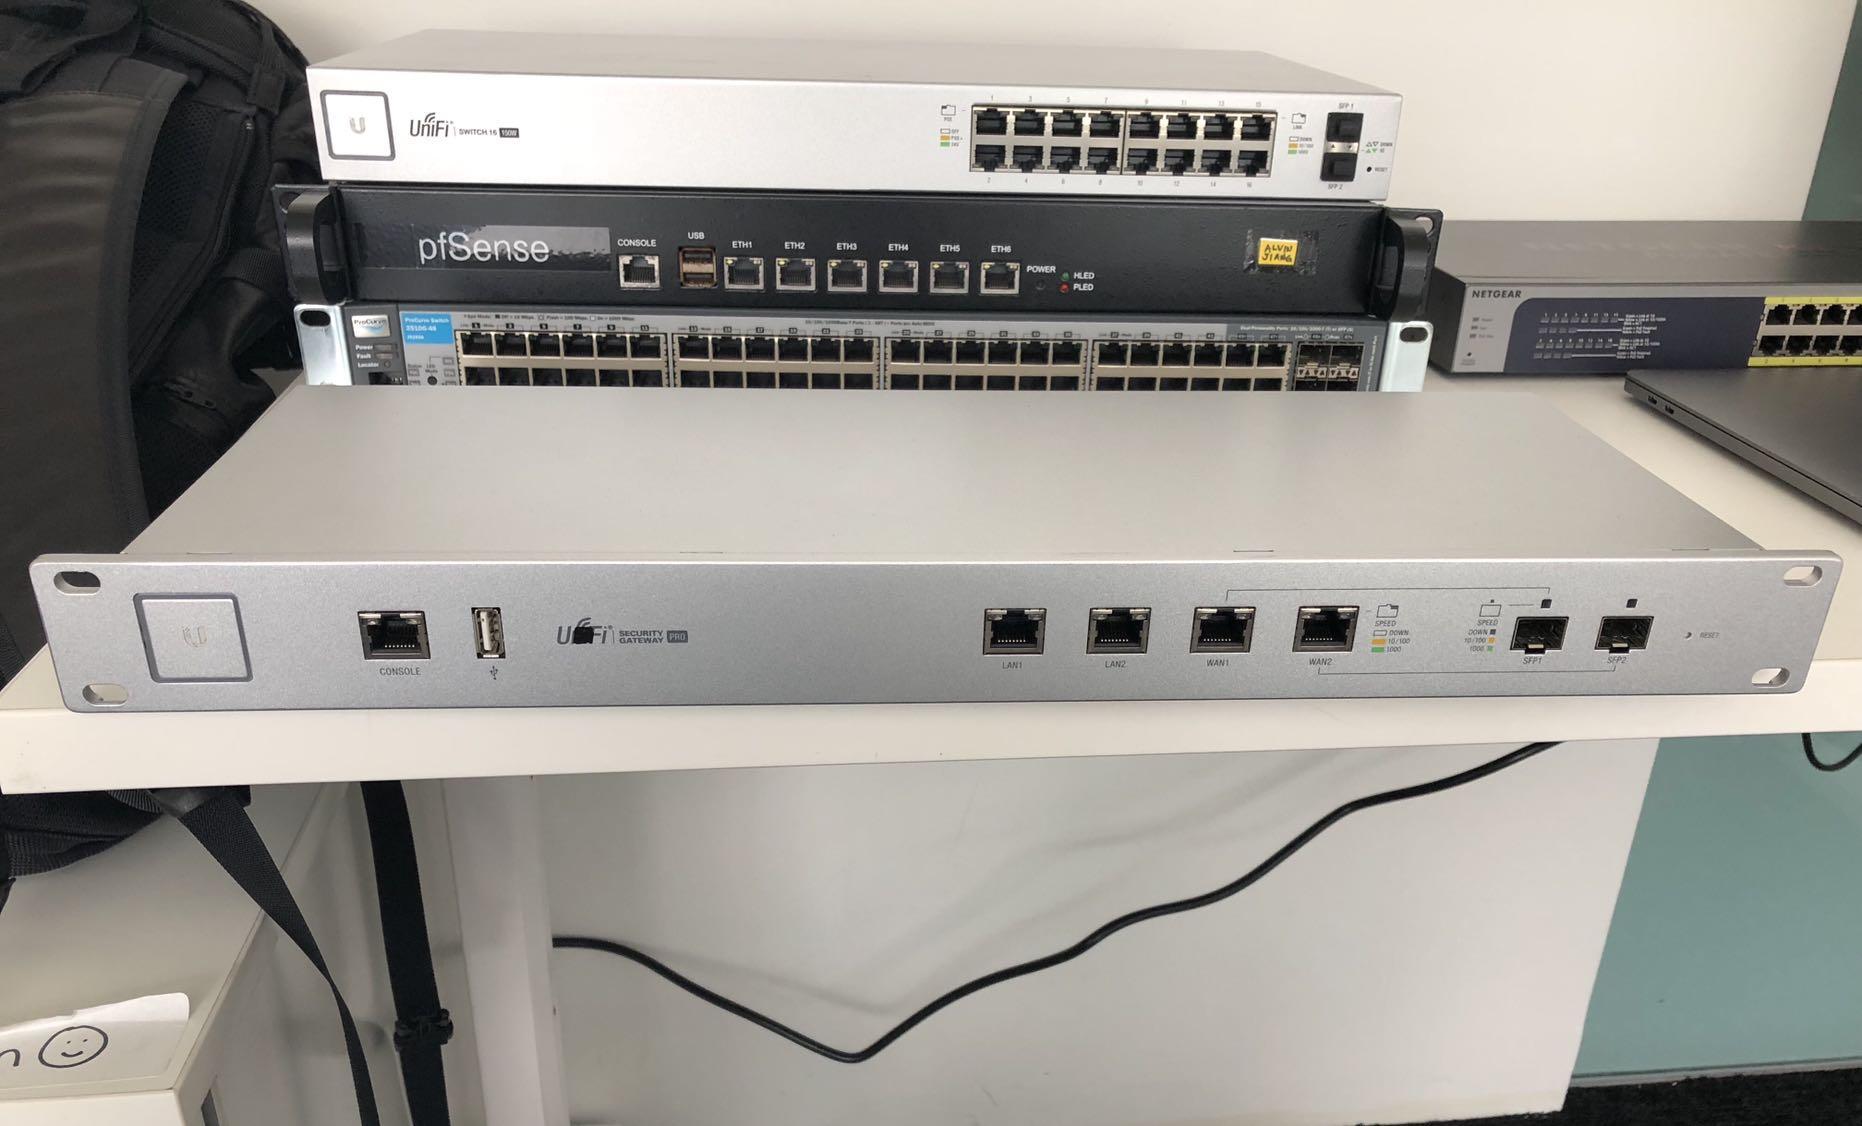 Ubiquiti Unifi Security Gateway Pro, Electronics, Others on